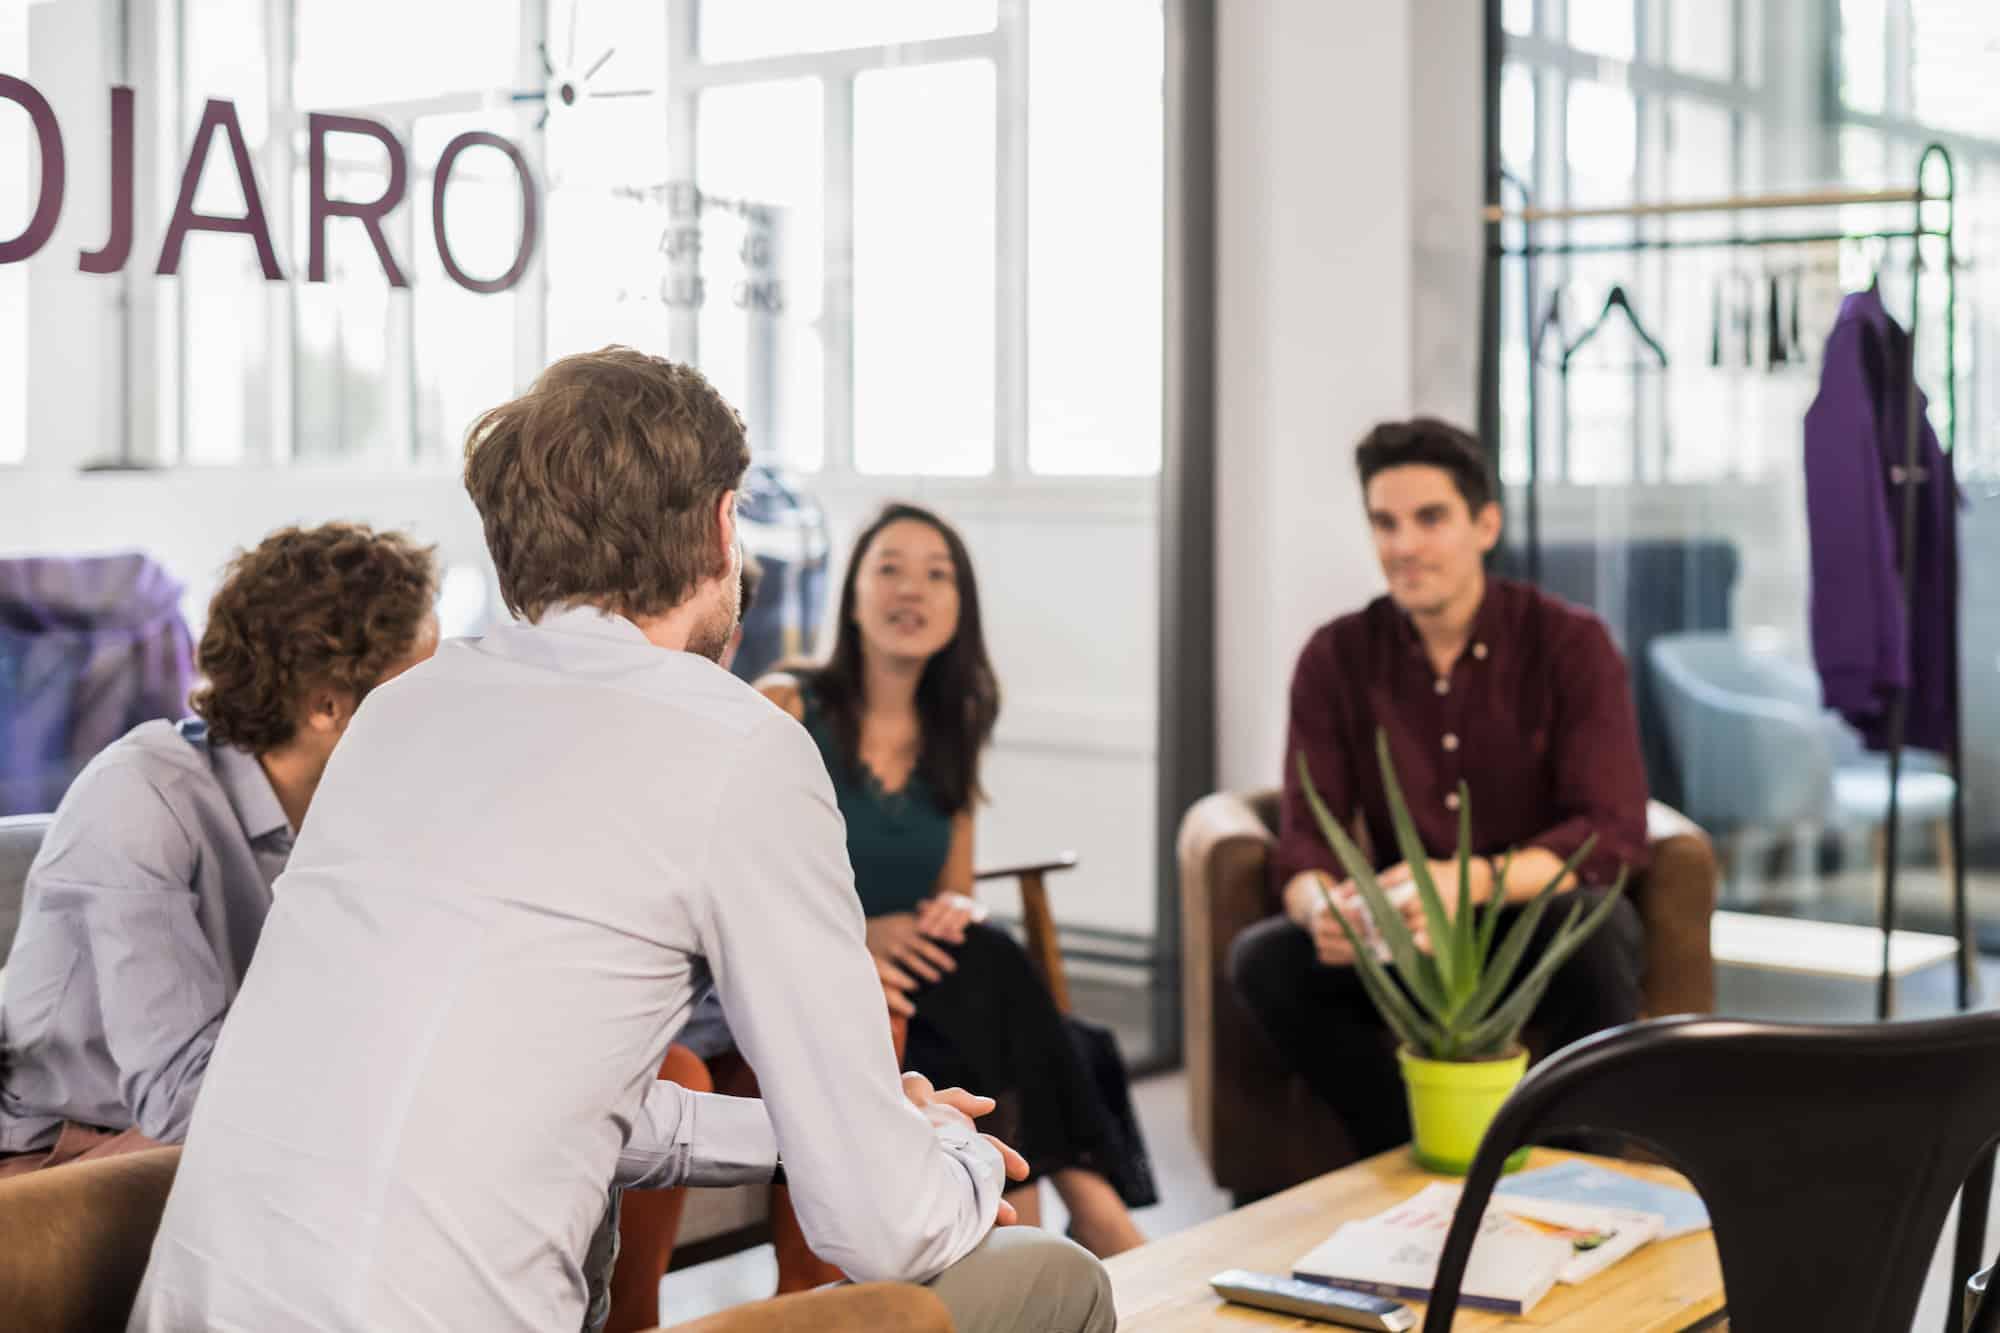 Andjaro, l'application qui optimise le travail des salariés